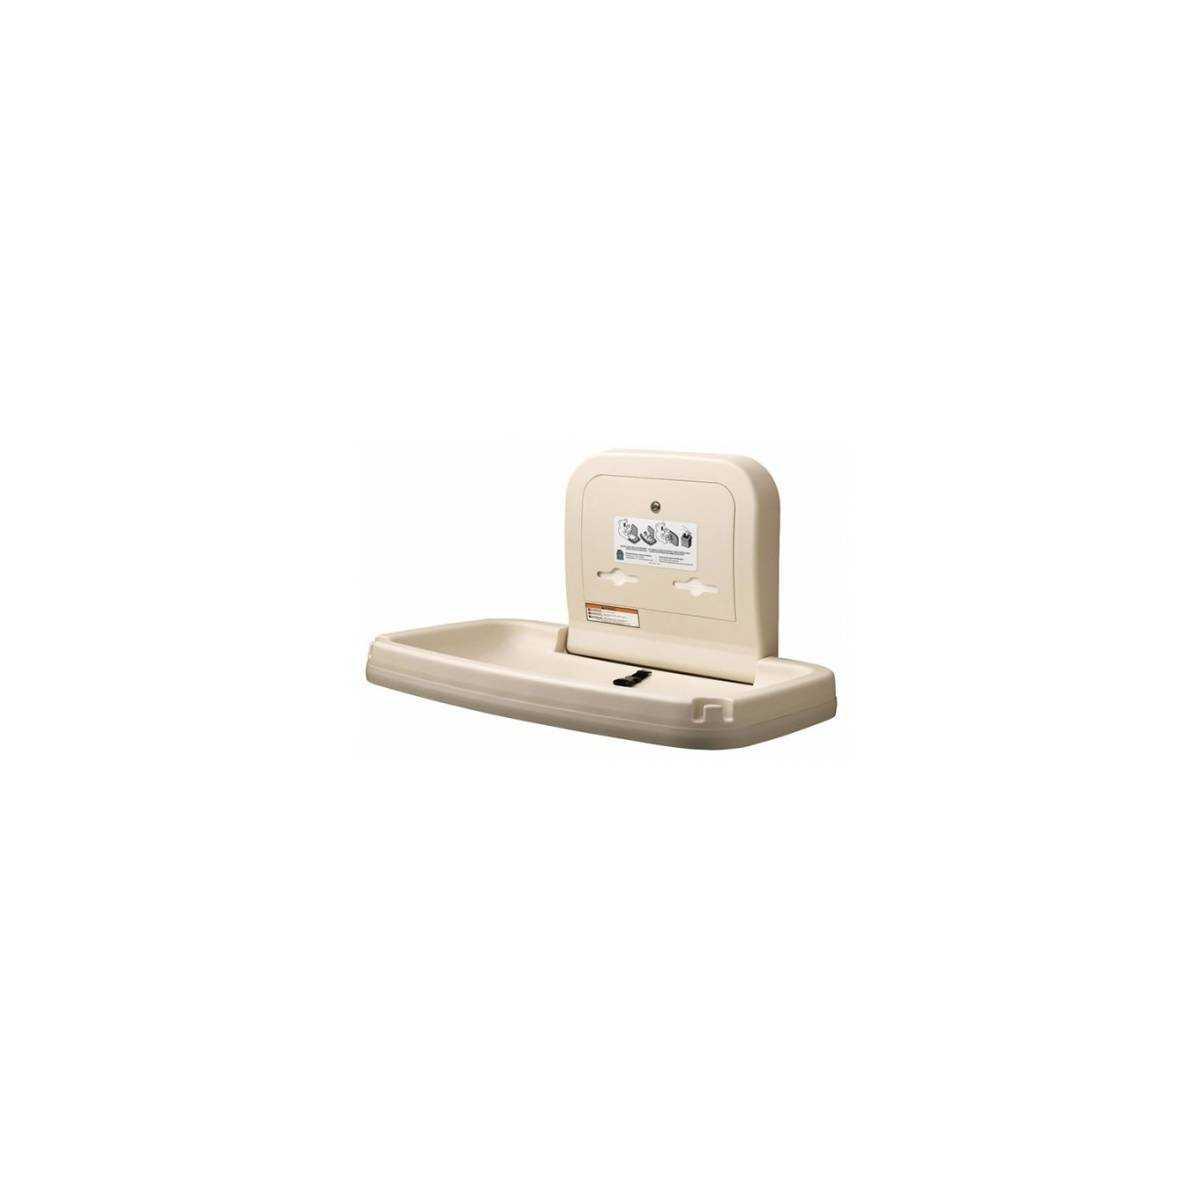 Пеленальный столик настенный откидной горизонтальный (КВ200-00-INB) КВ200-00-INB Bobrick